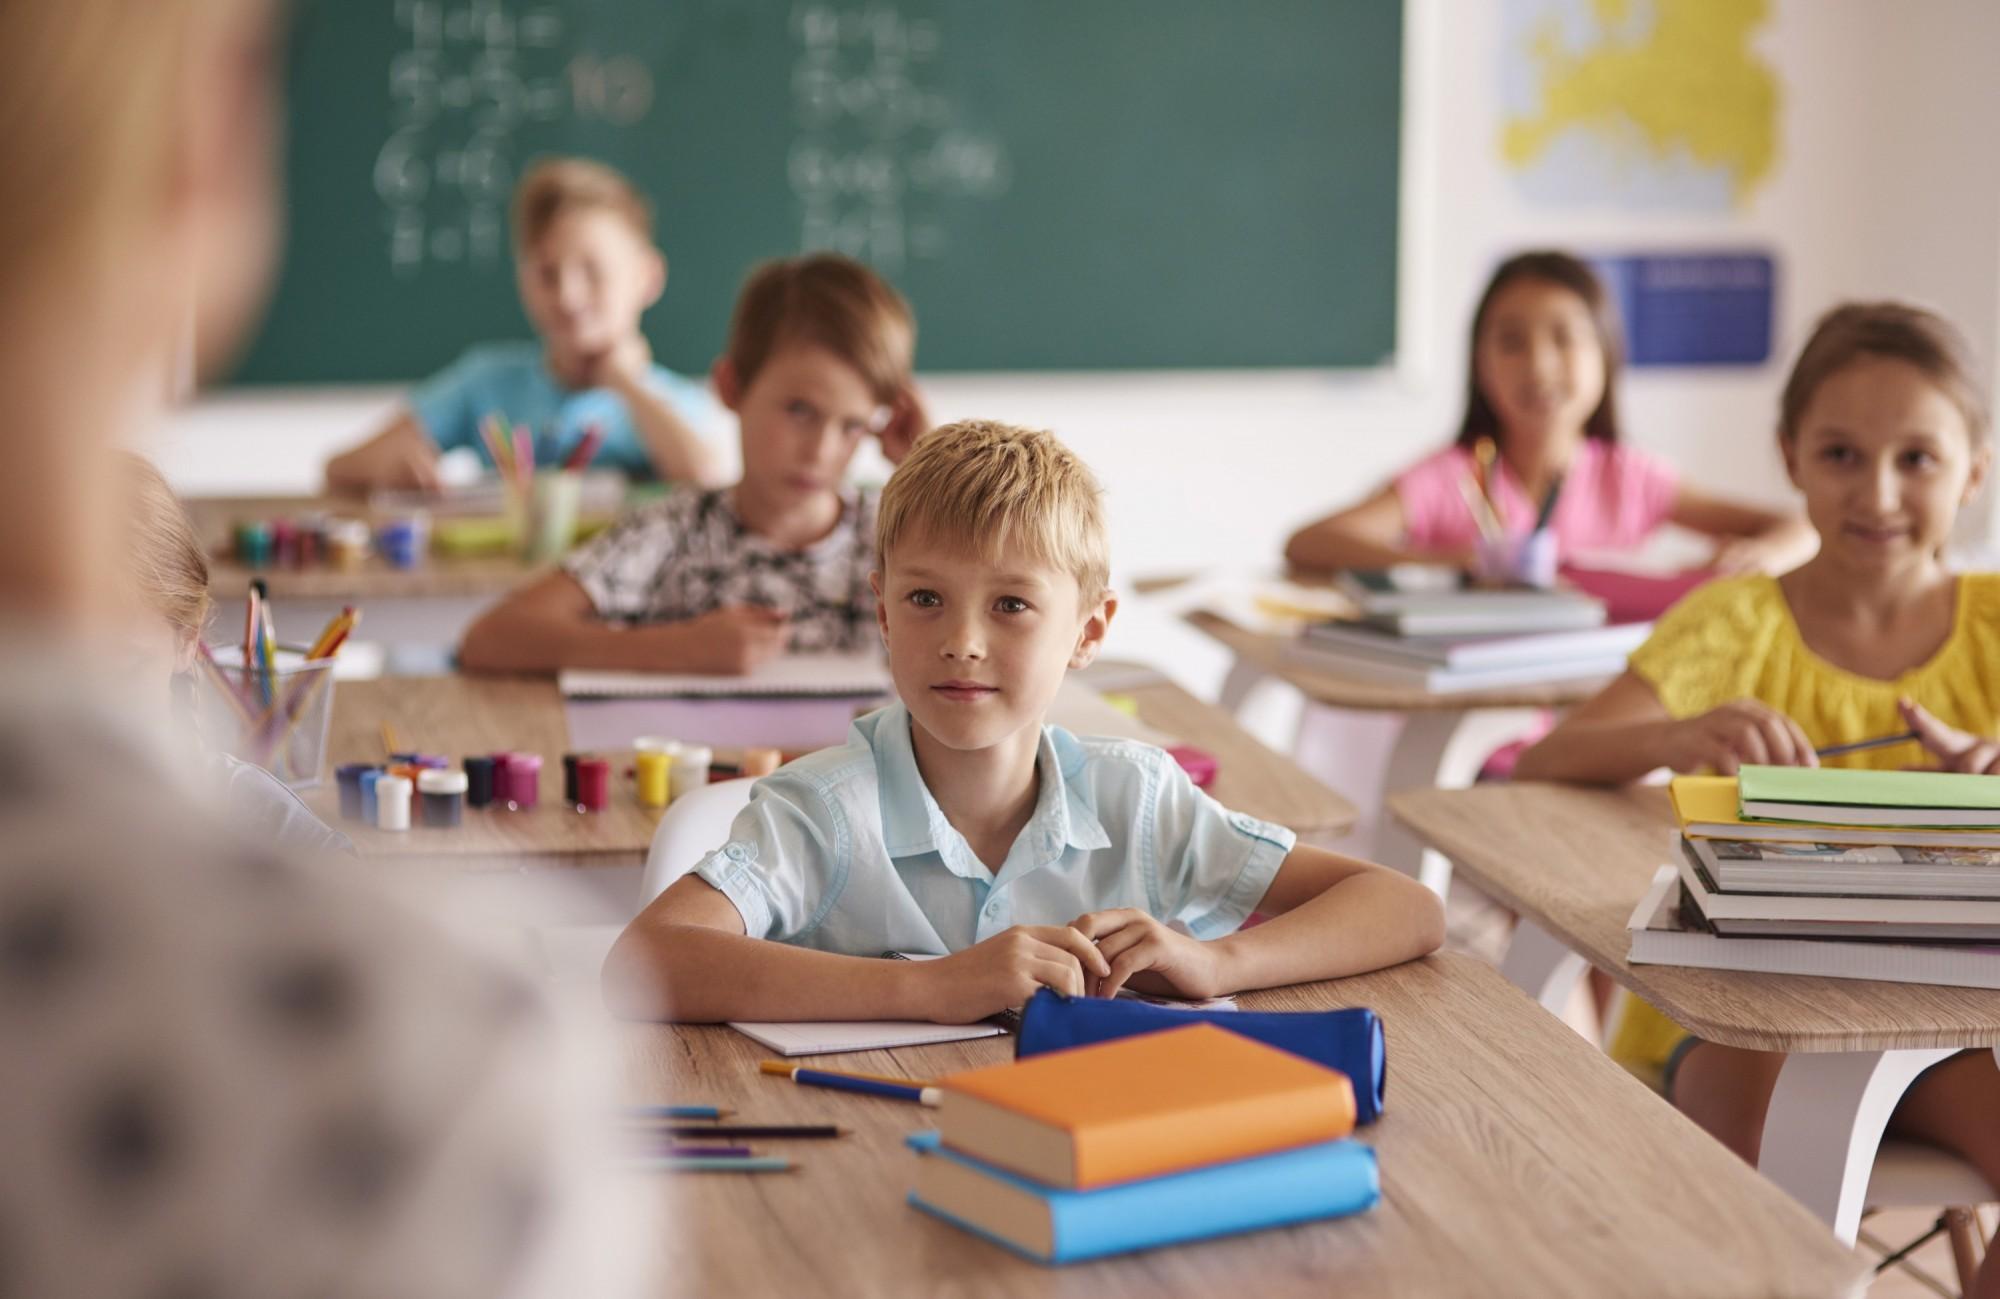 Vienoje klasėje besimokančių mokinių smegenų veikla tampa kitokia